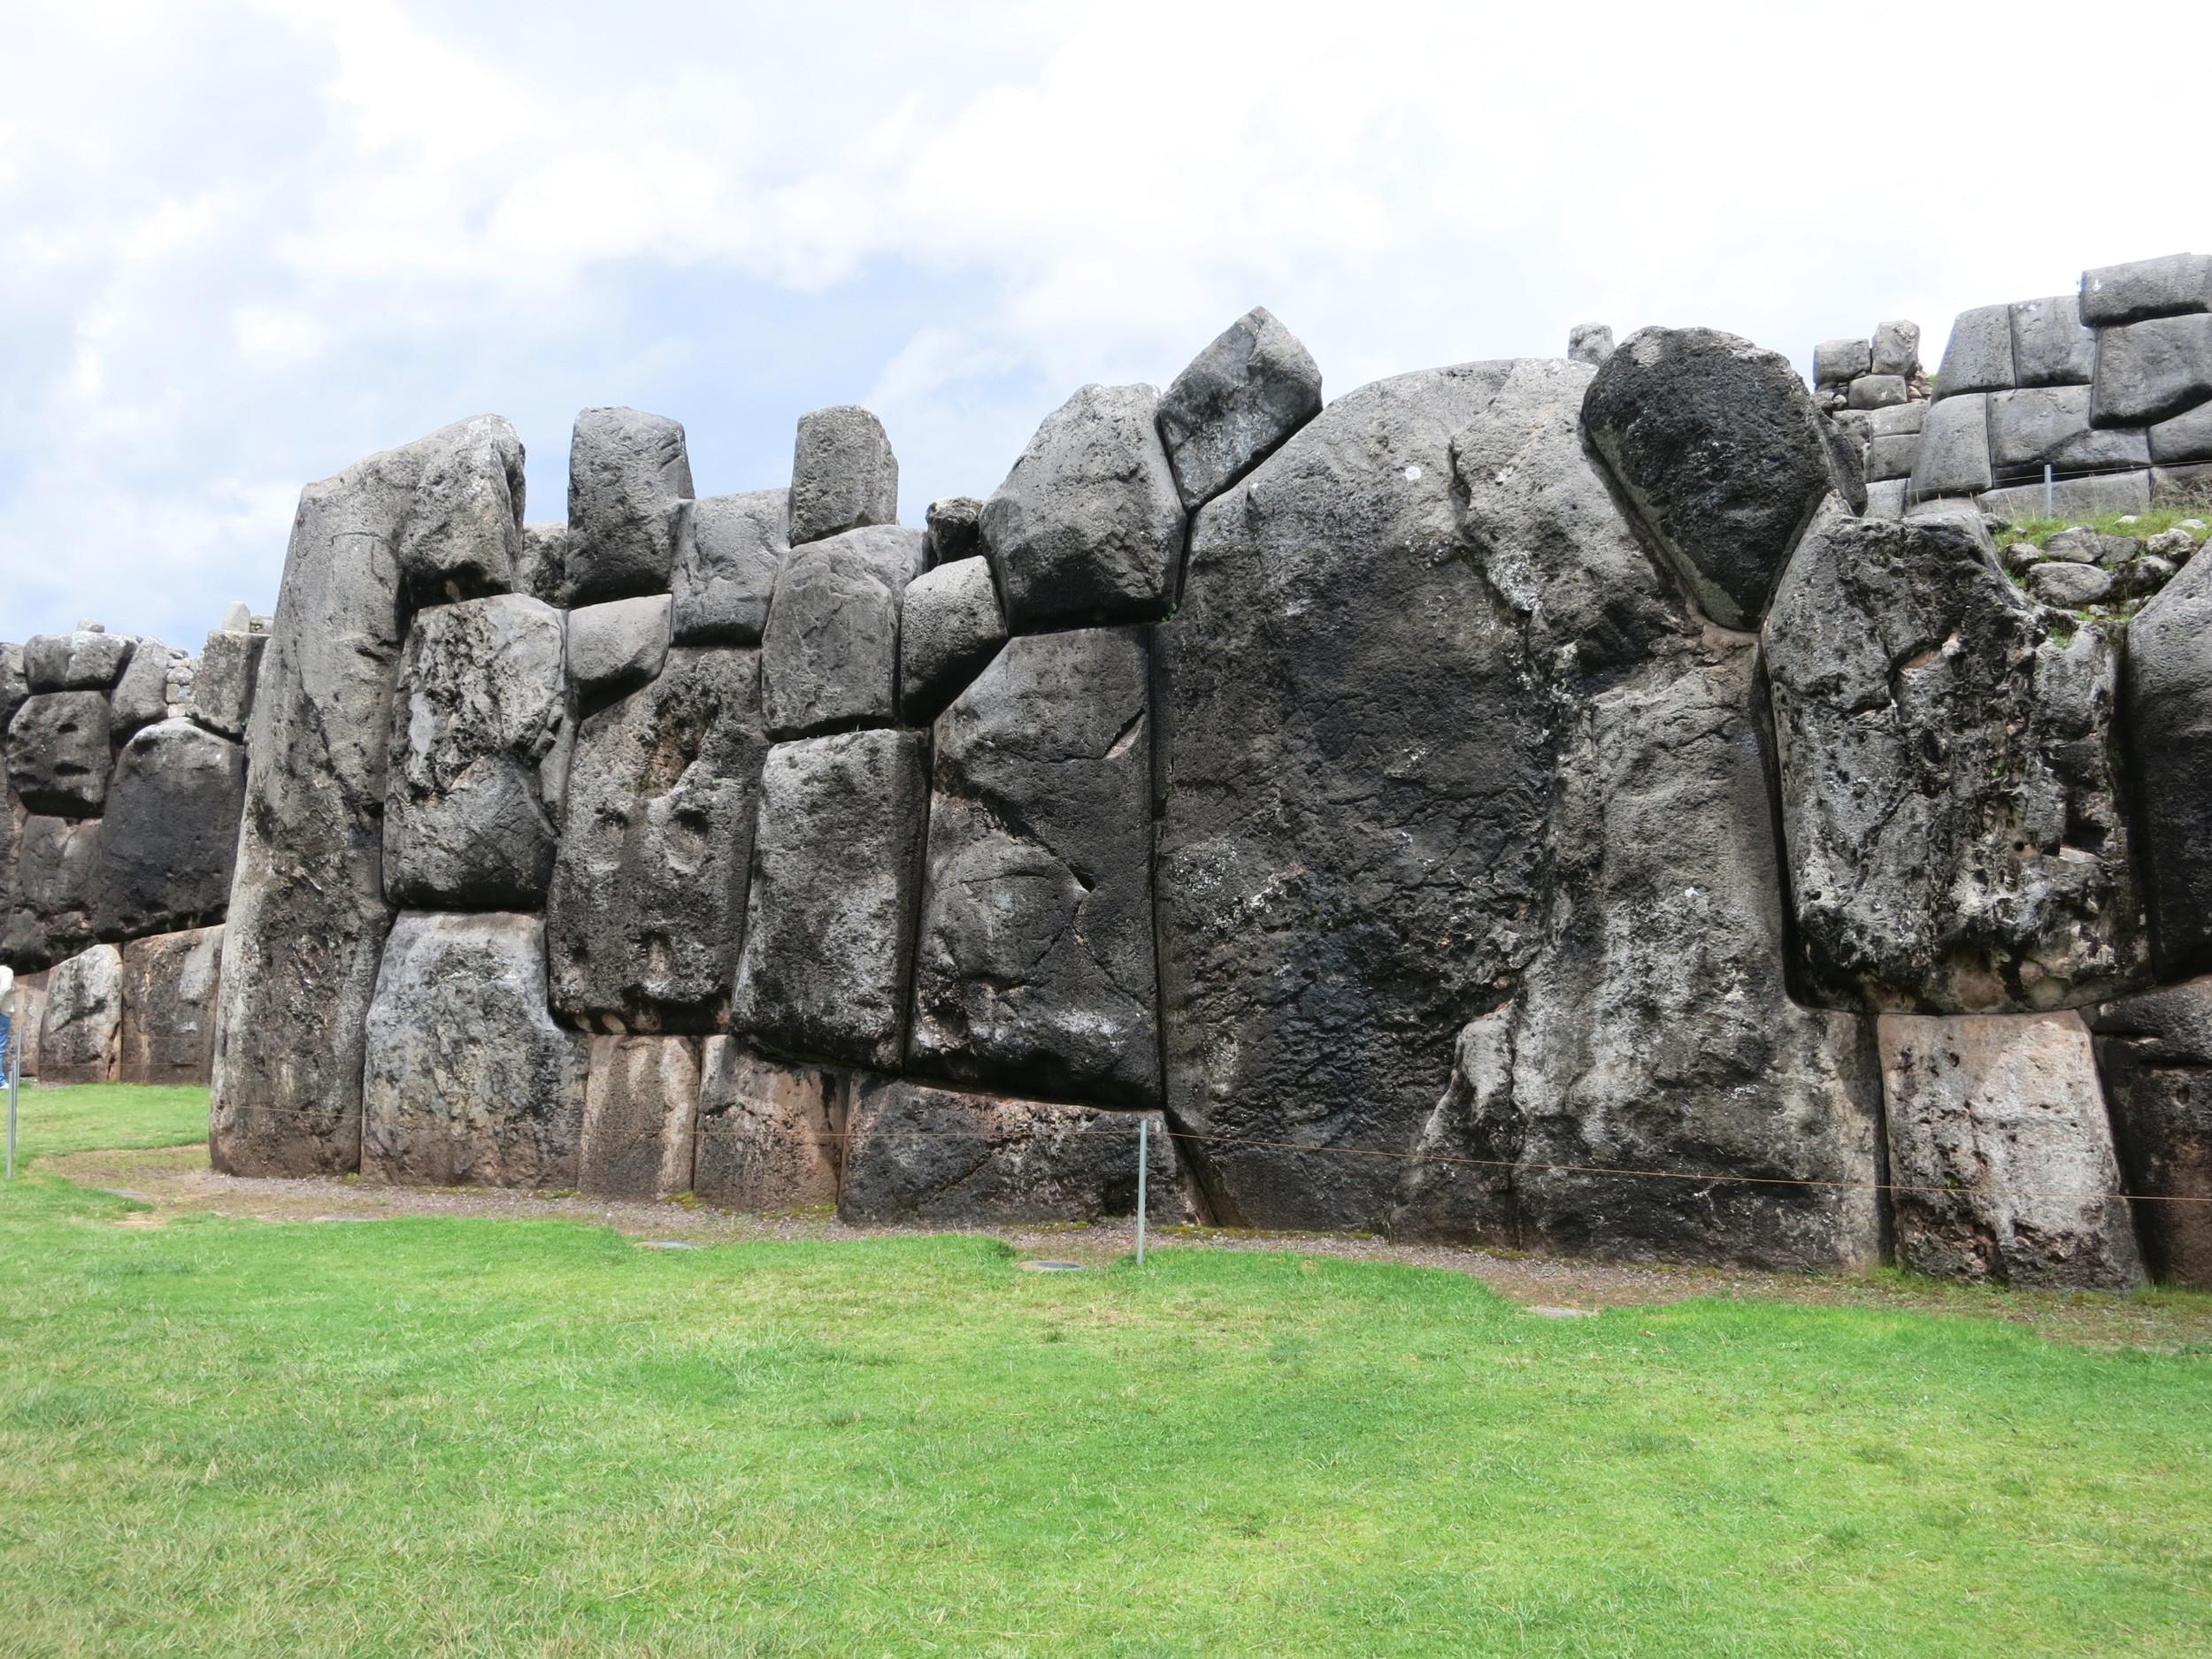 Some HUGE rocks at Saqsaywaman